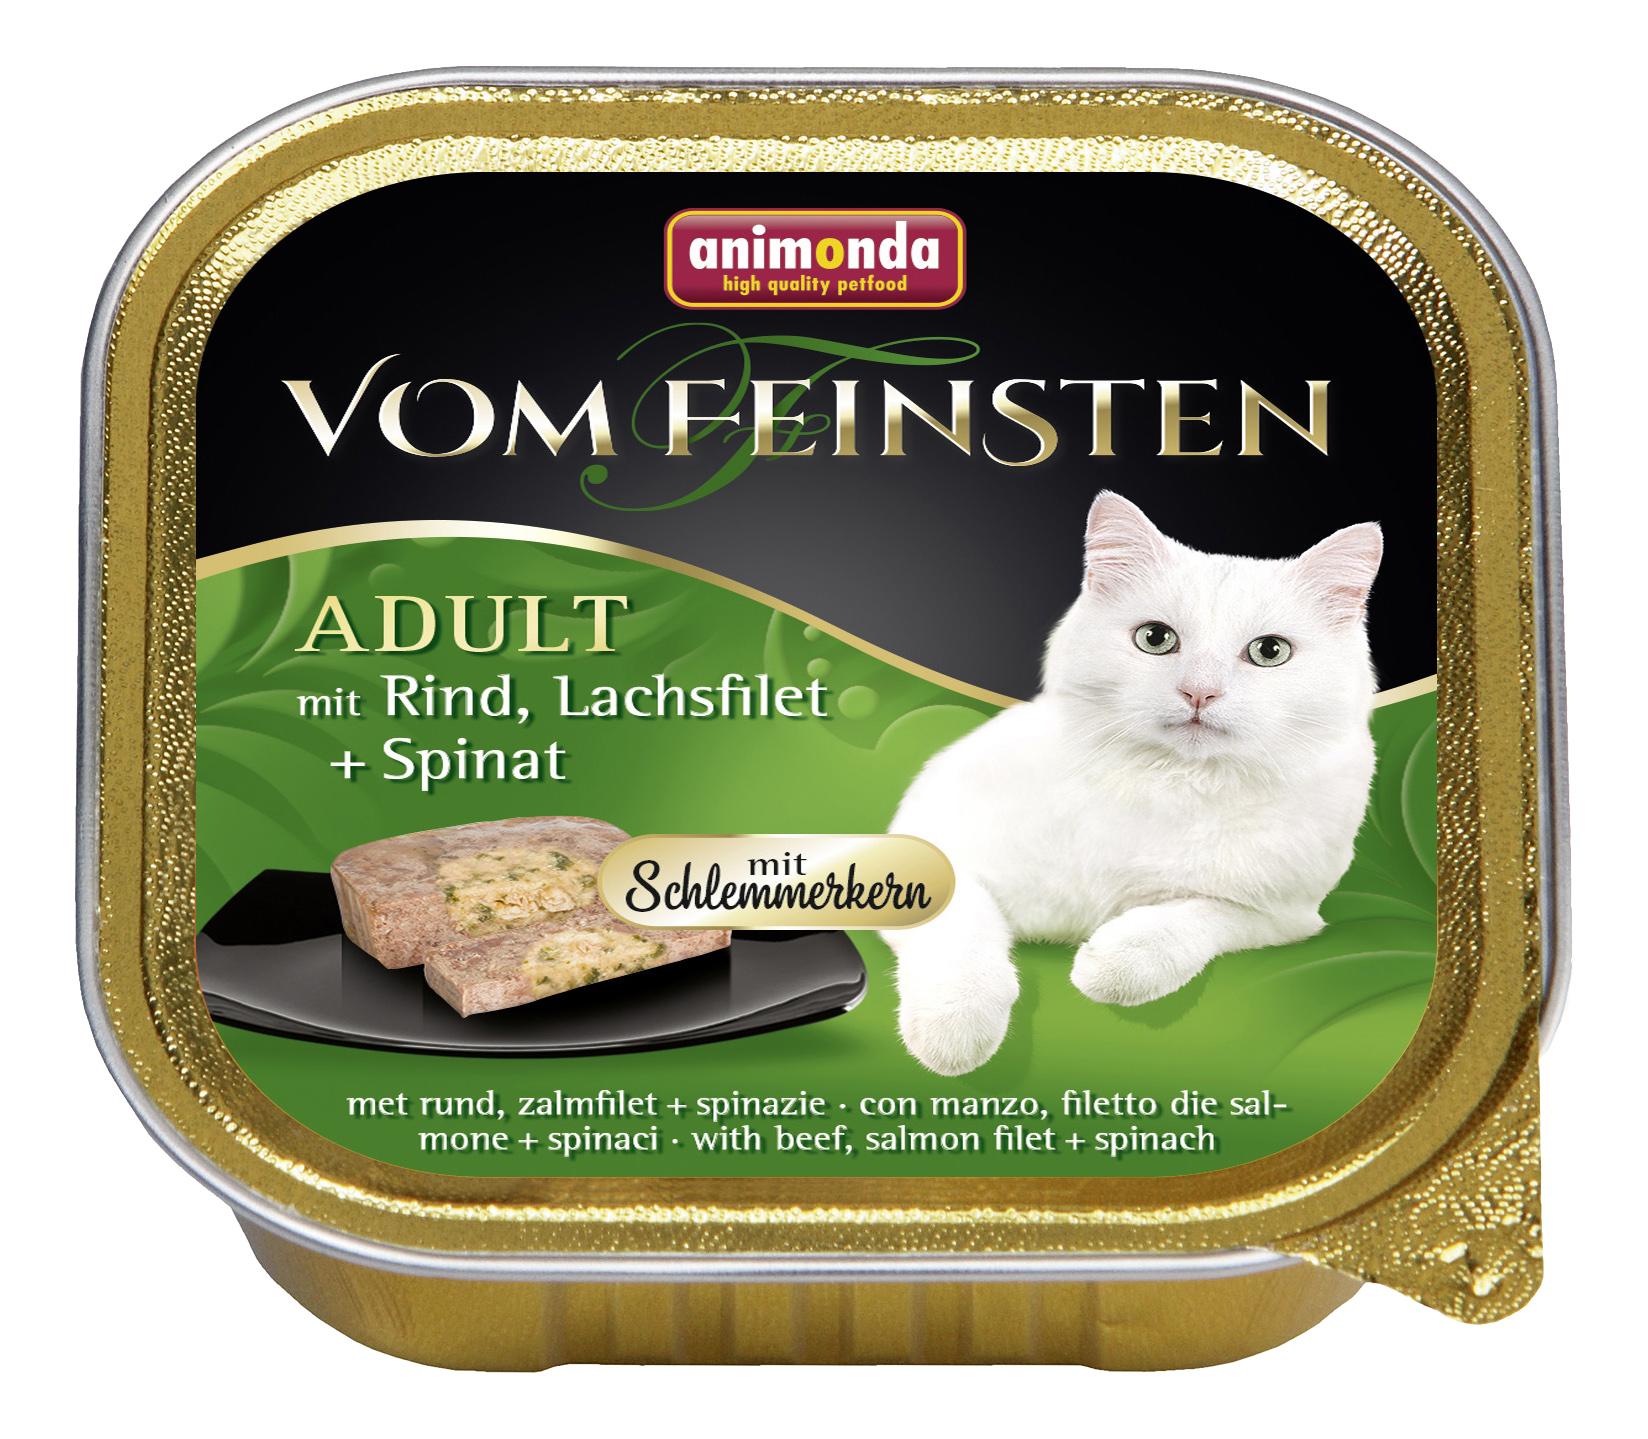 Консервы для кошек Animonda Vom Feinsten Adult, говядина, лосось, овощи, 100г фото